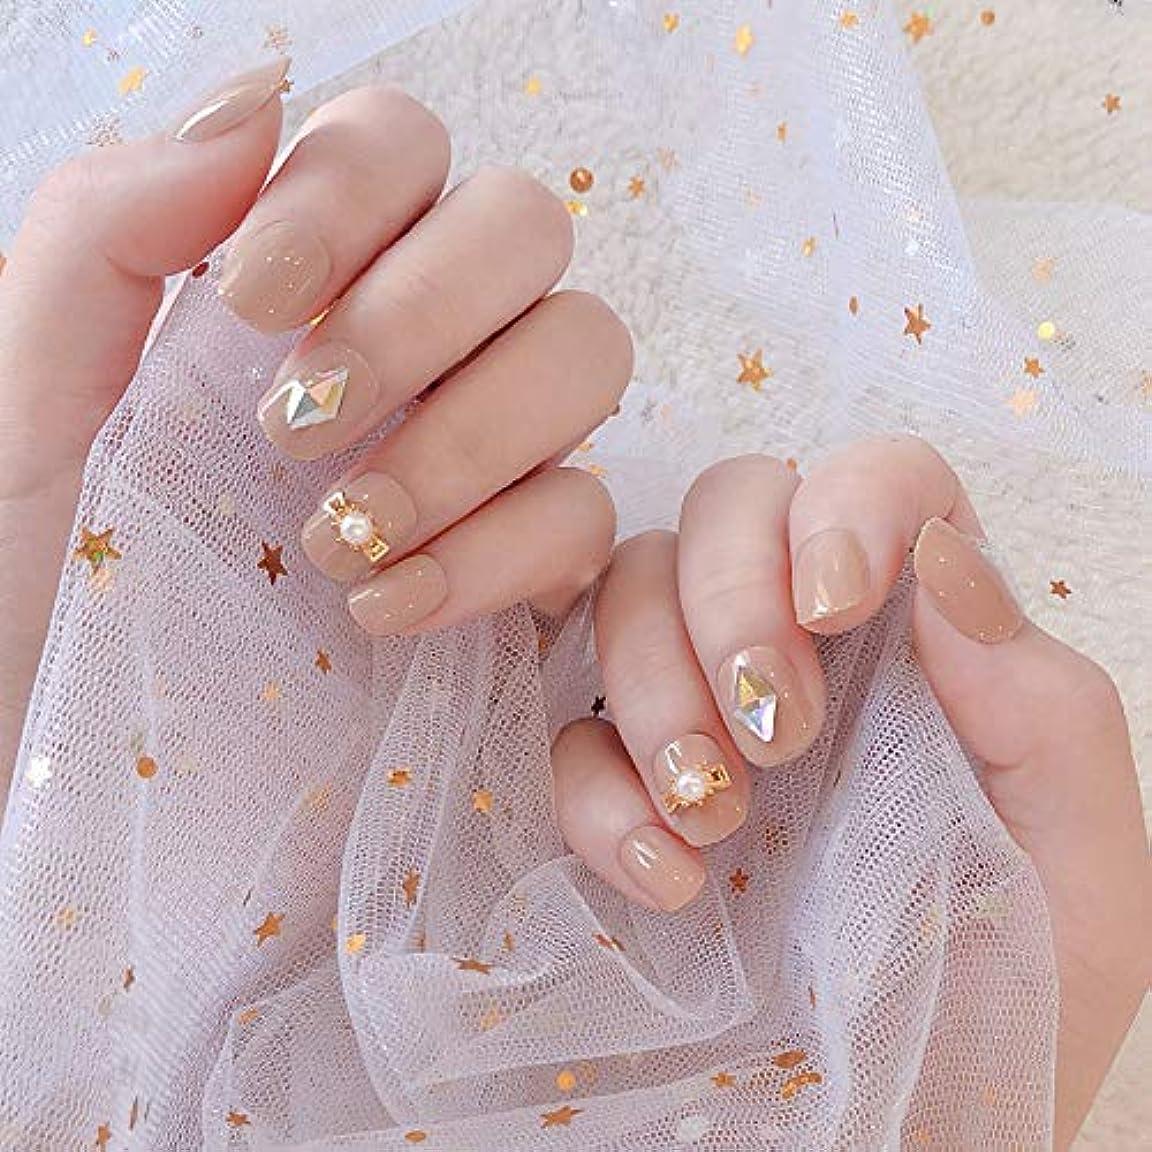 興奮偶然違反XUTXZKA 光沢のあるダイヤモンド花嫁ネイルアートグリッド花ネイルステッカーショートフルカバー偽の爪